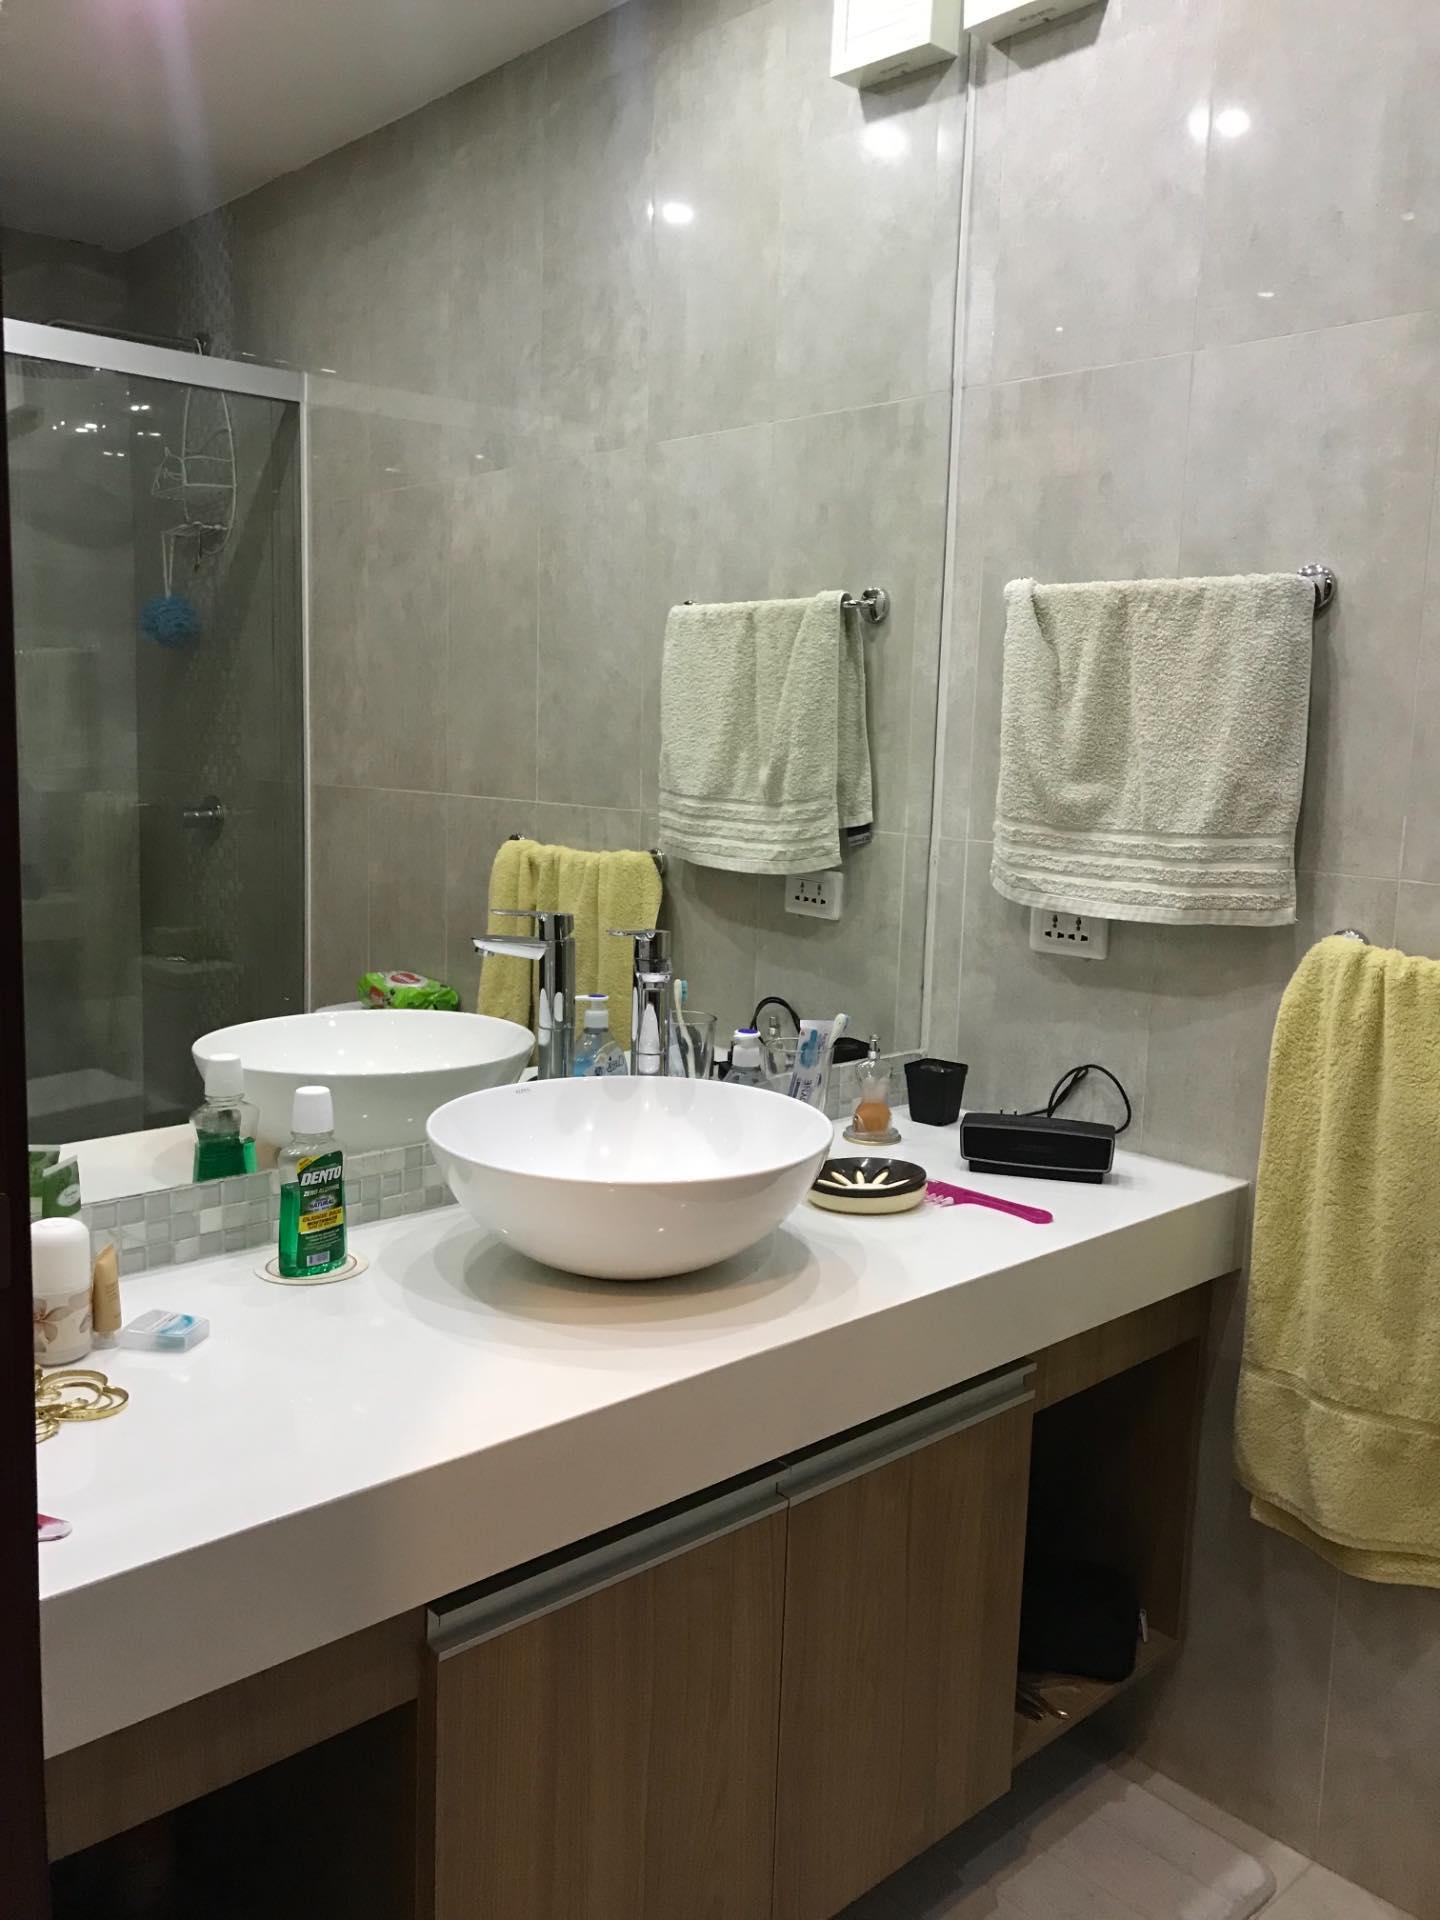 Departamento en Alquiler En exclusivo condominio zona Barrio Las Palmas  Foto 7